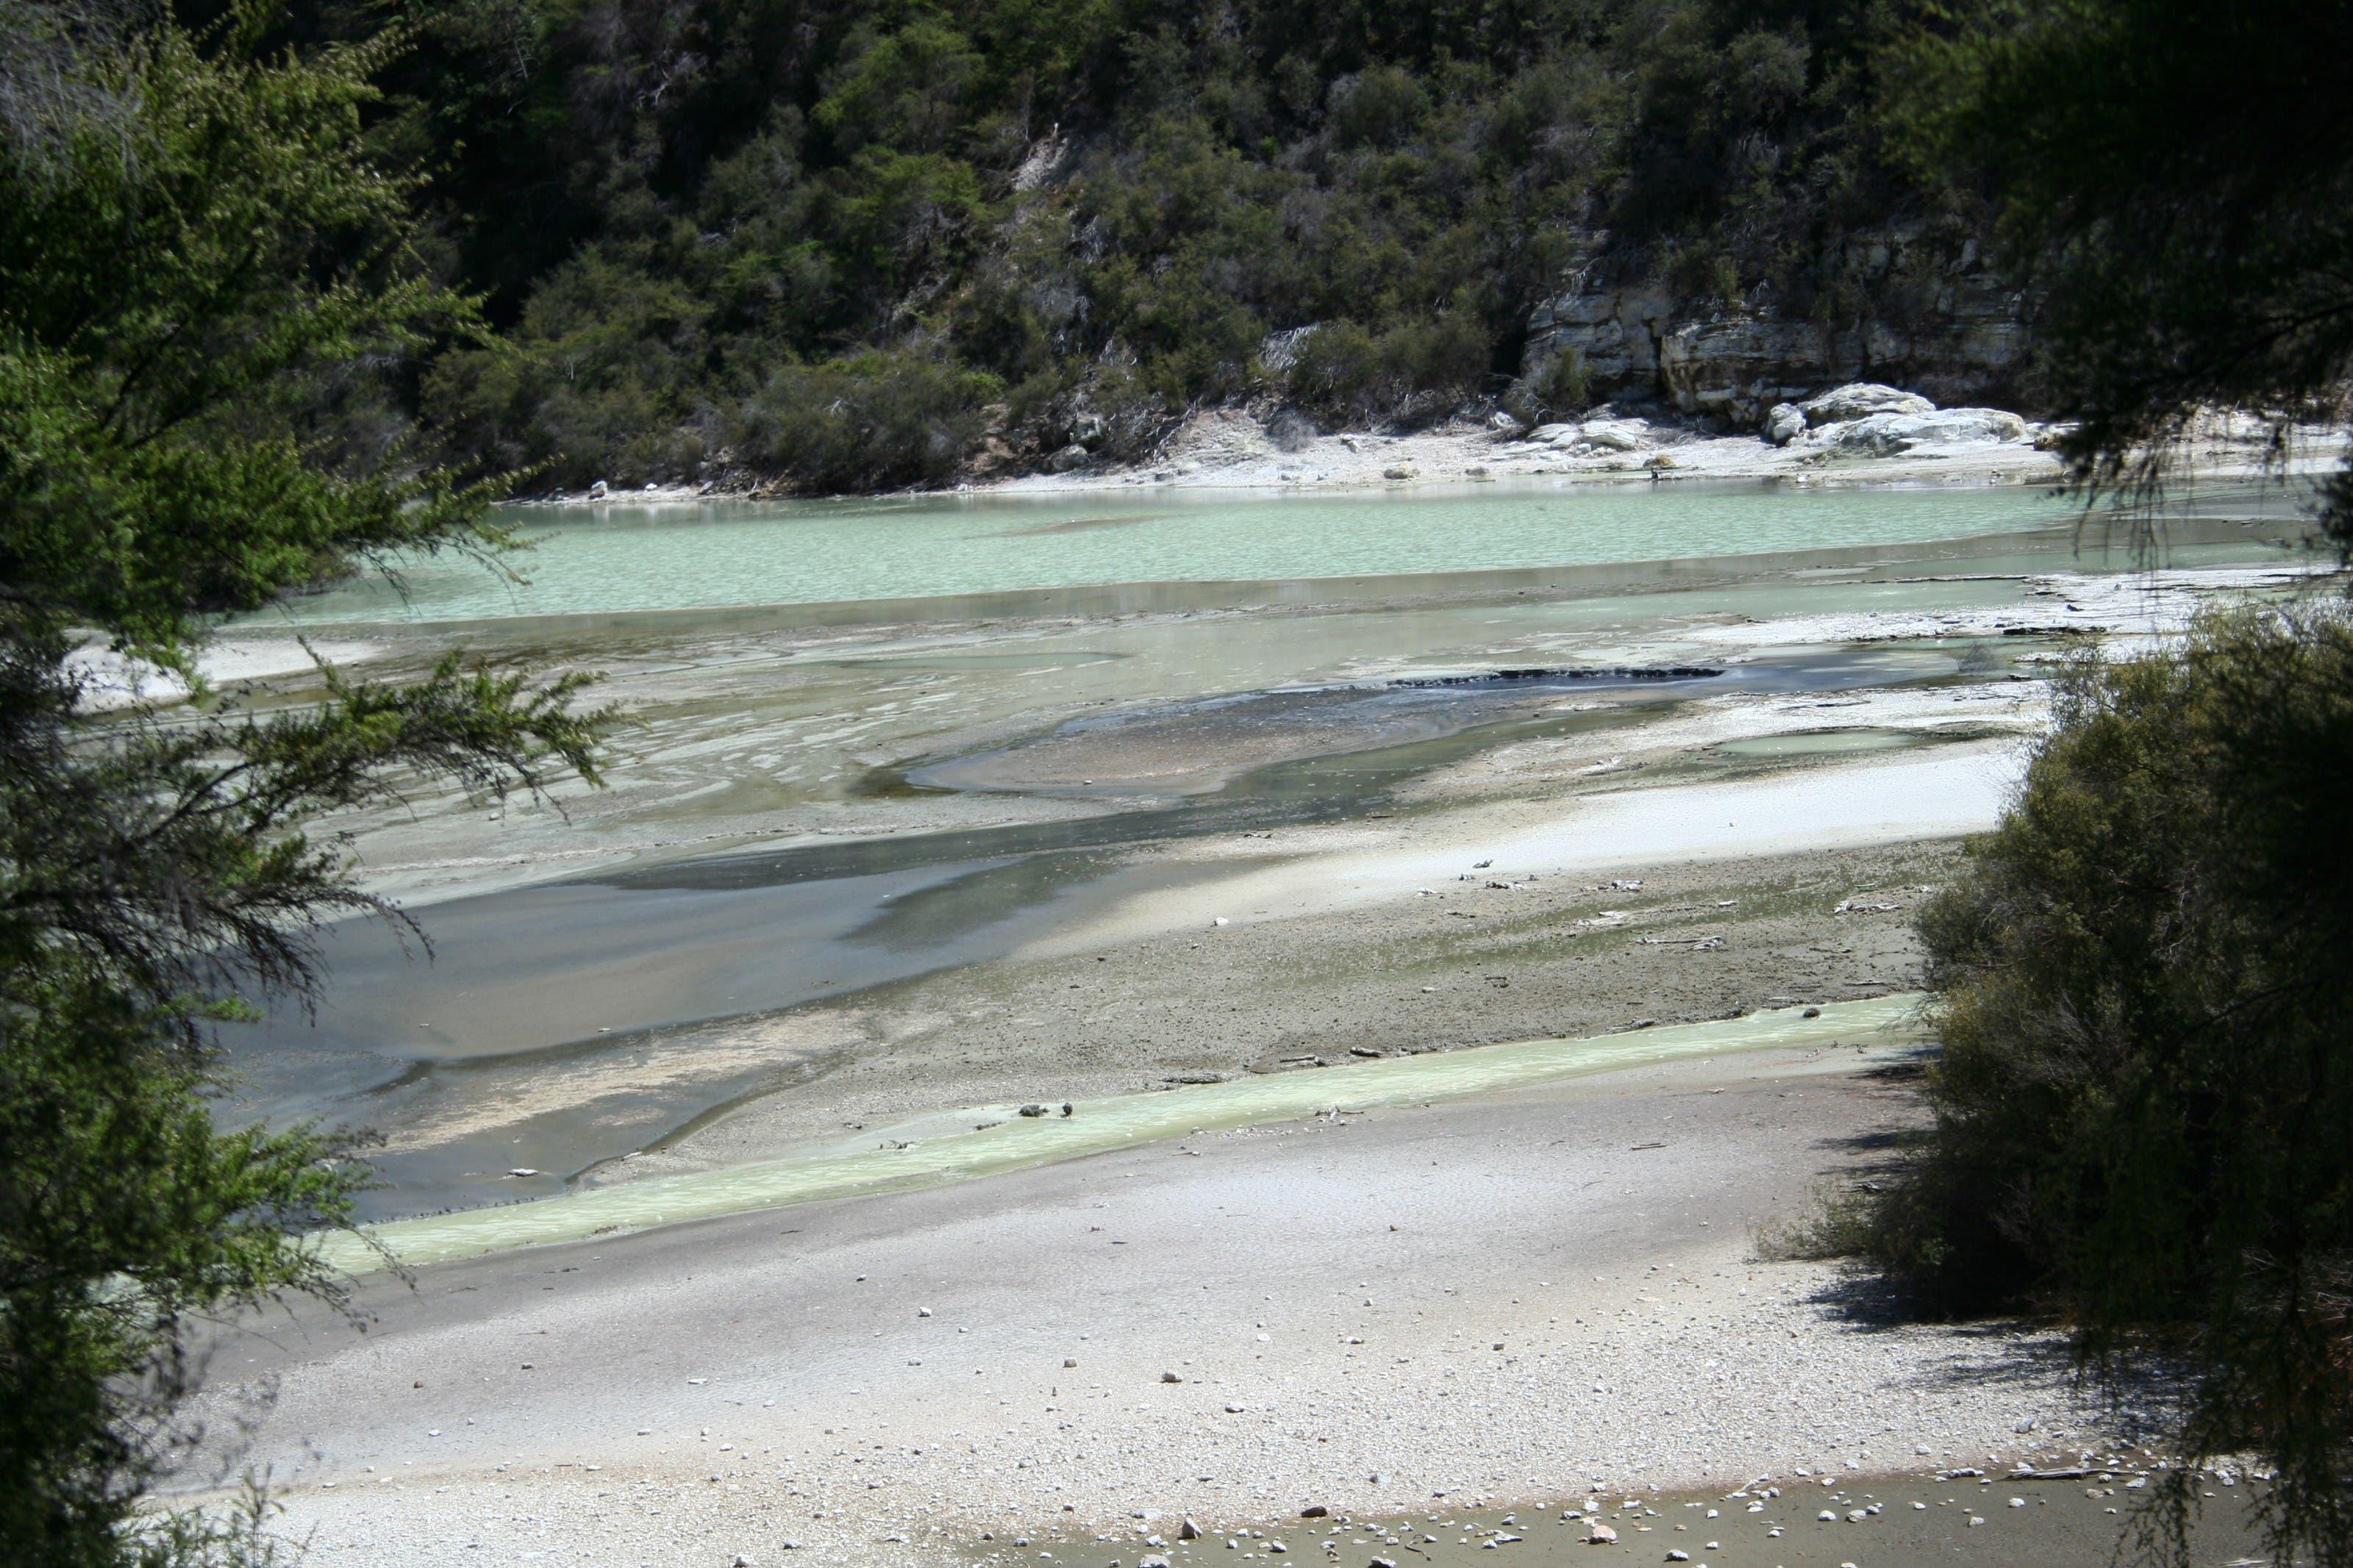 Eines der Ferienfotos aus Neuseeland, welche sich auf der SD-Karte befinden